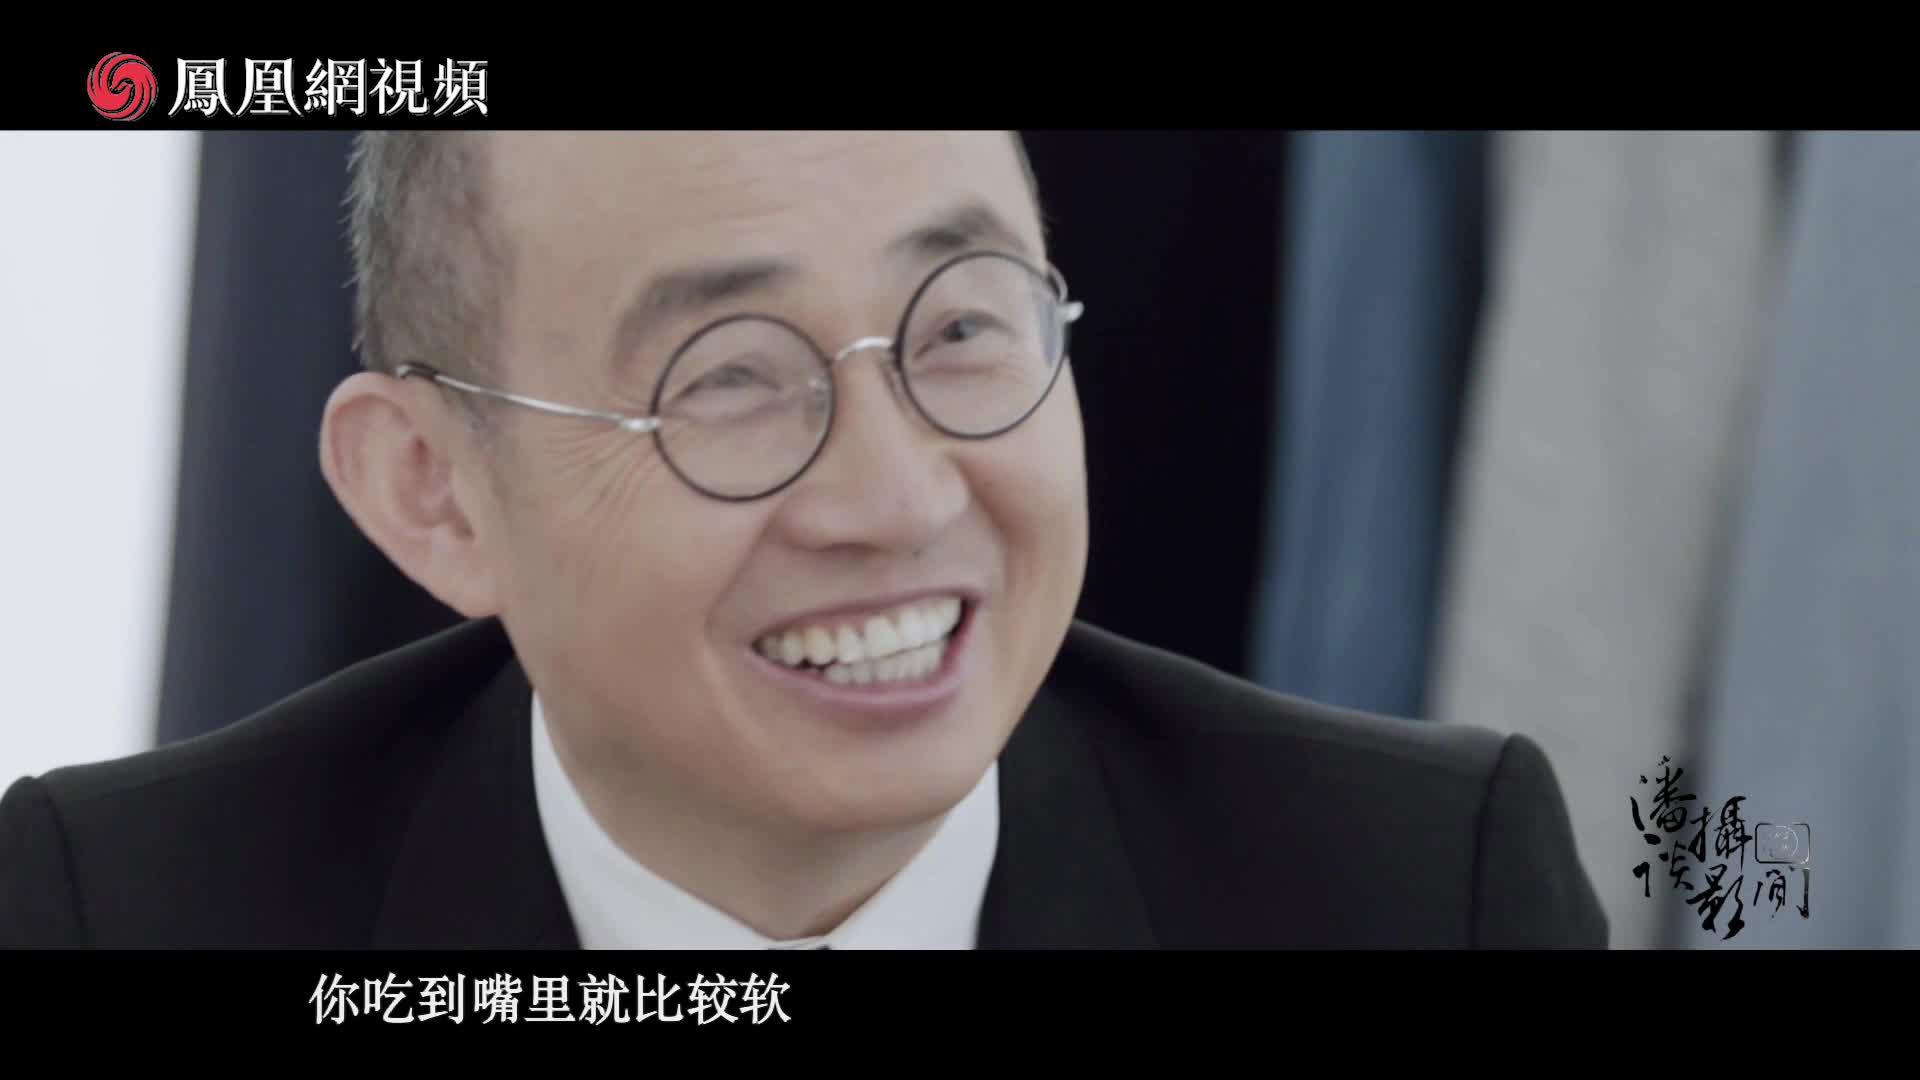 完整版第五期:陈晓卿 中国有俩行当门槛极低——美食圈和摄影圈